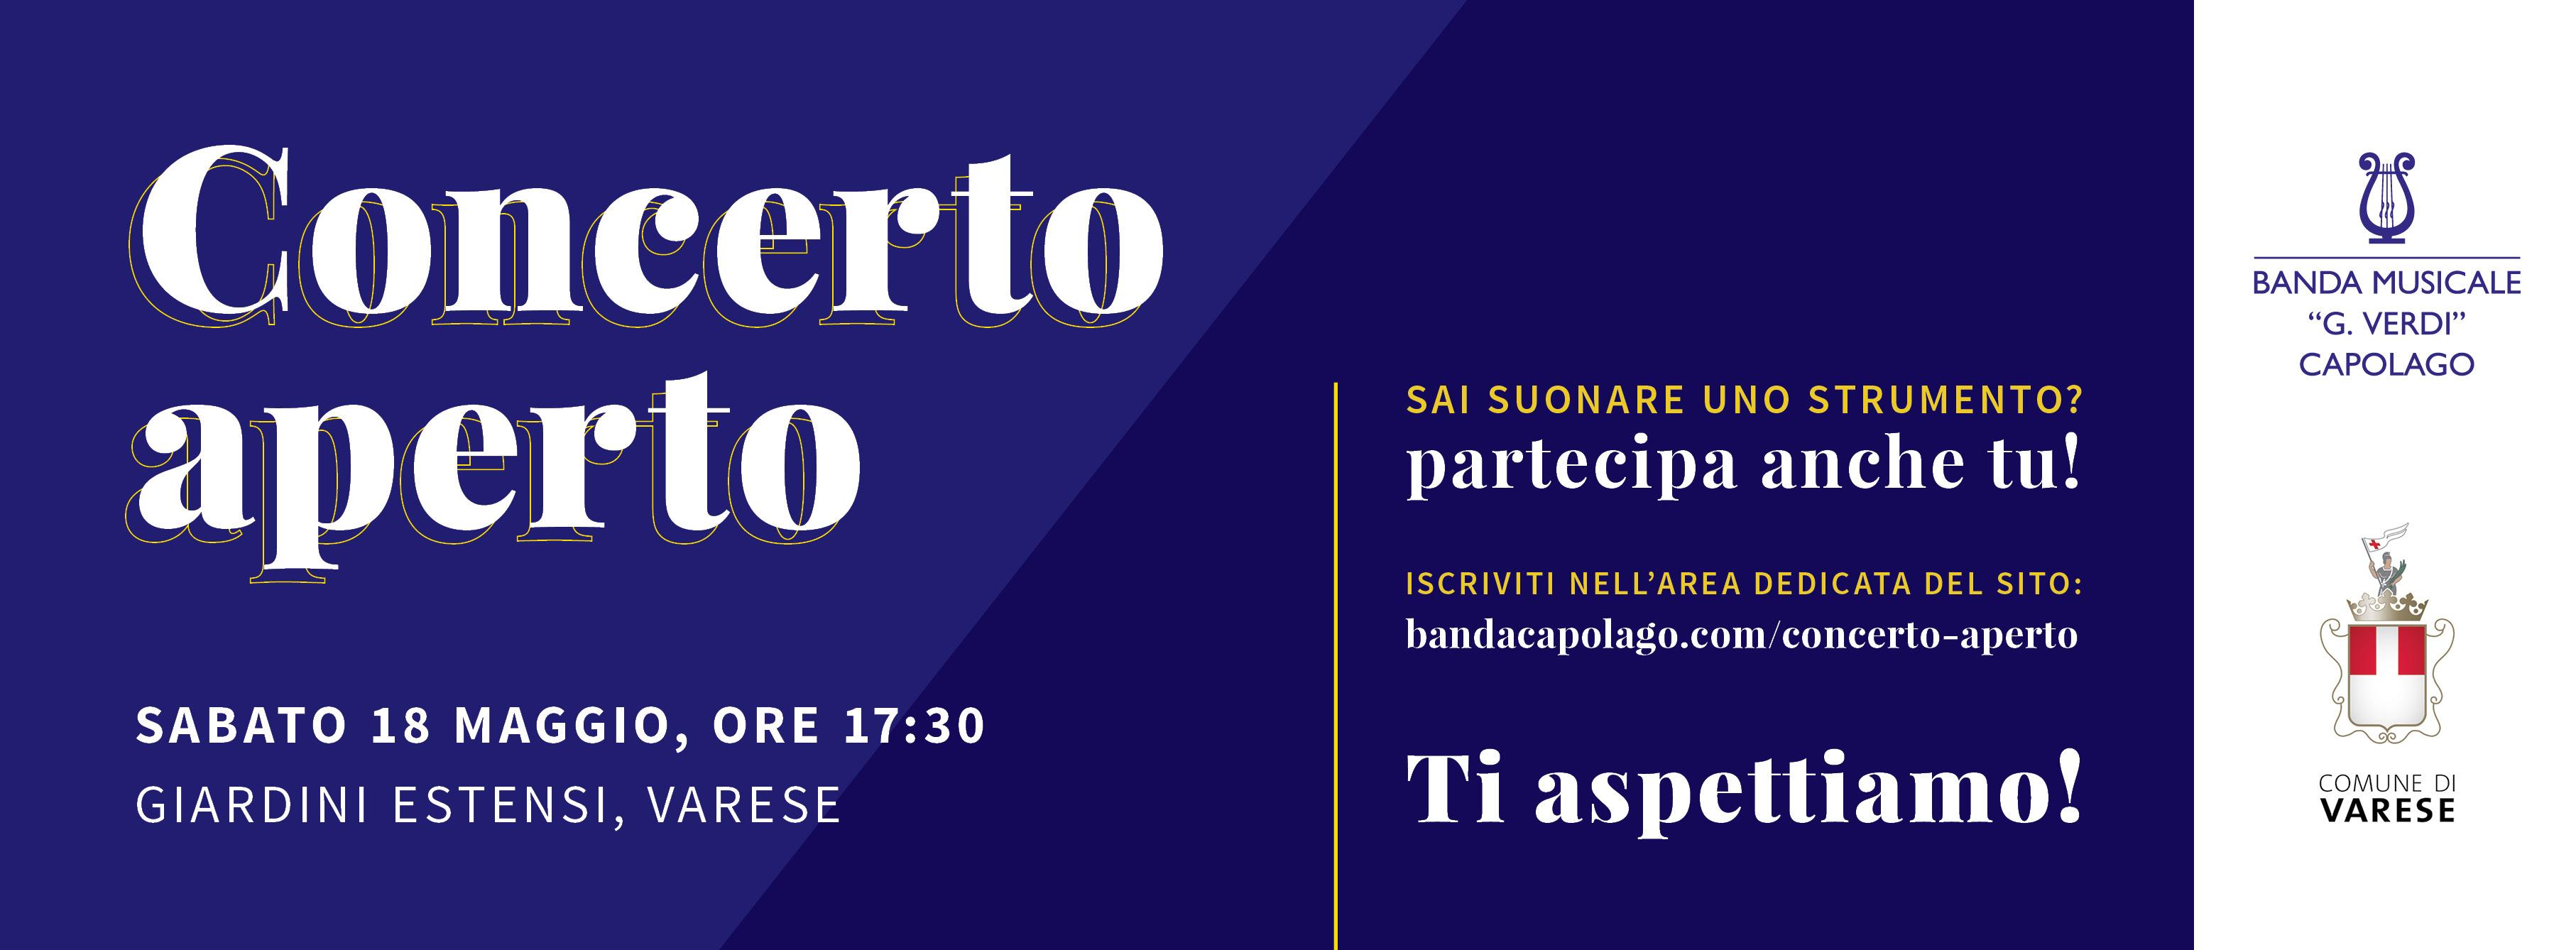 CONCERTO APERTO 2019 - COPERTINA FB